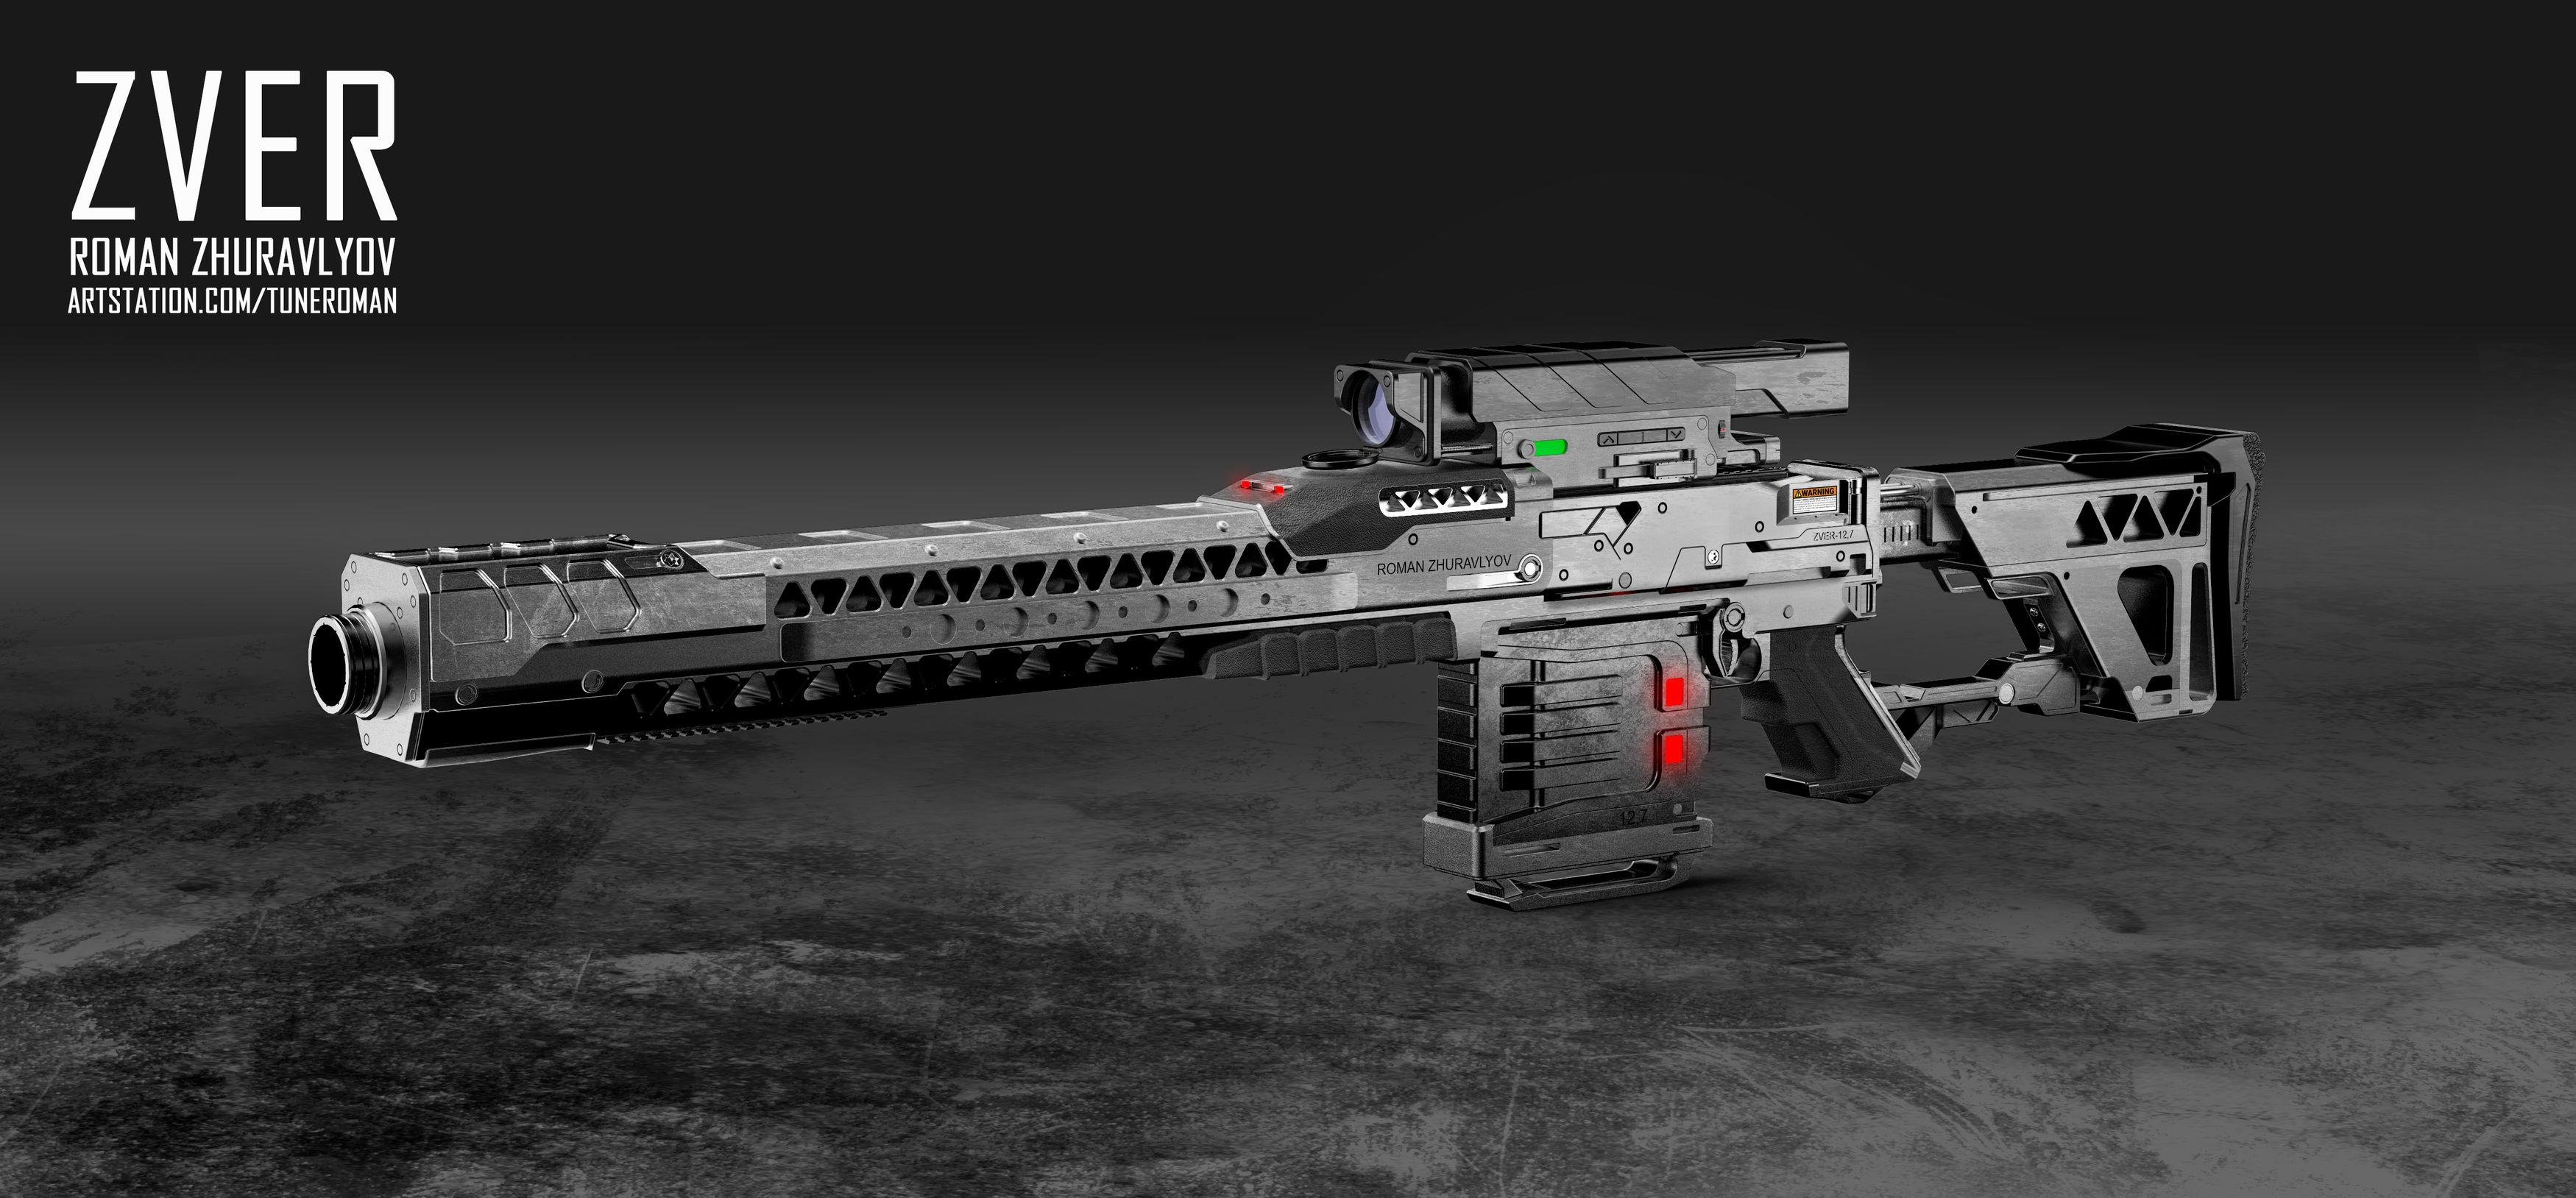 Zver-2-3500-3500